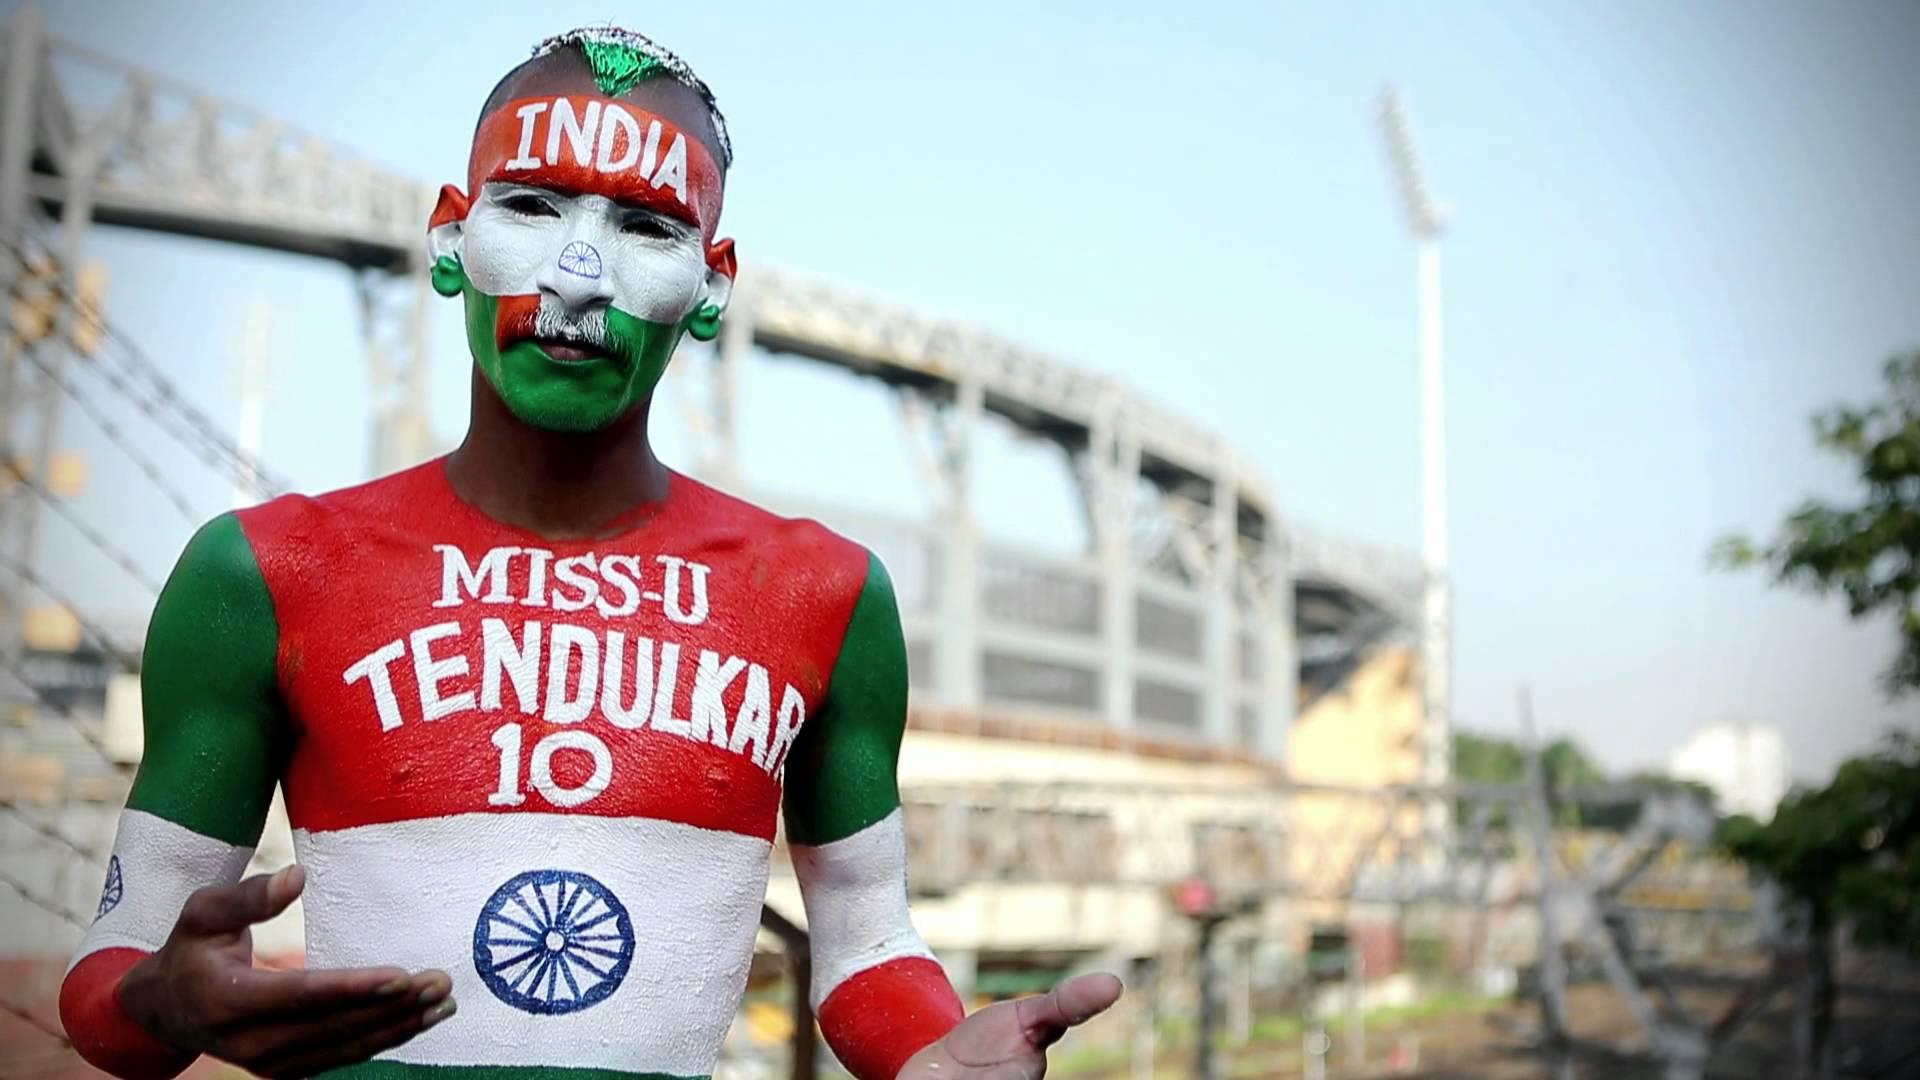 भारतीय टीम का हौसला बढ़ाने अहमदाबाद पहुंचे क्रिकेट फैन सुधीर